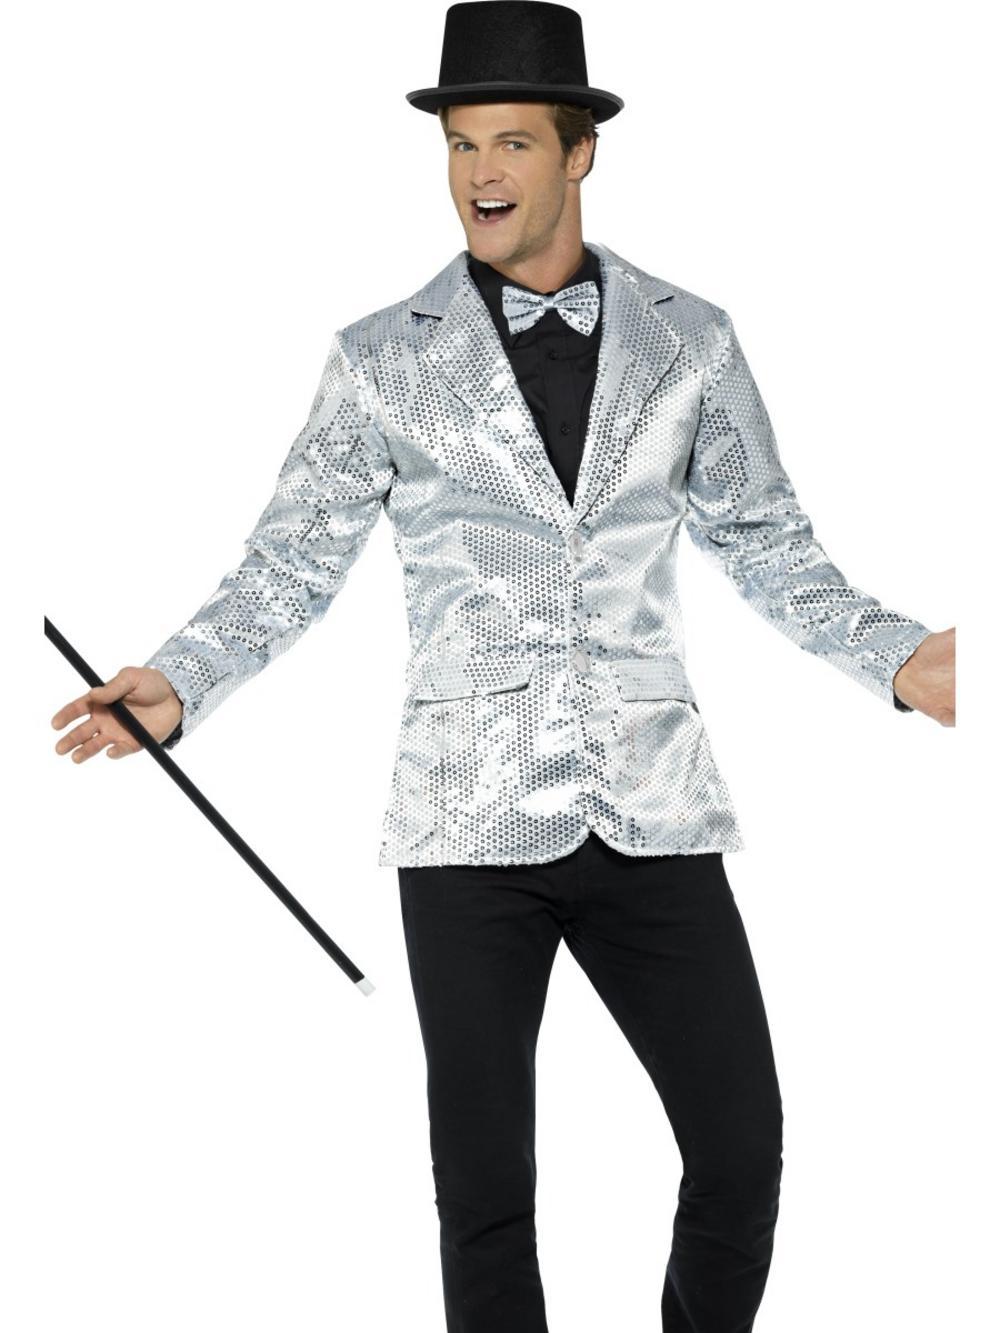 Sequin Jacket Mens Costume